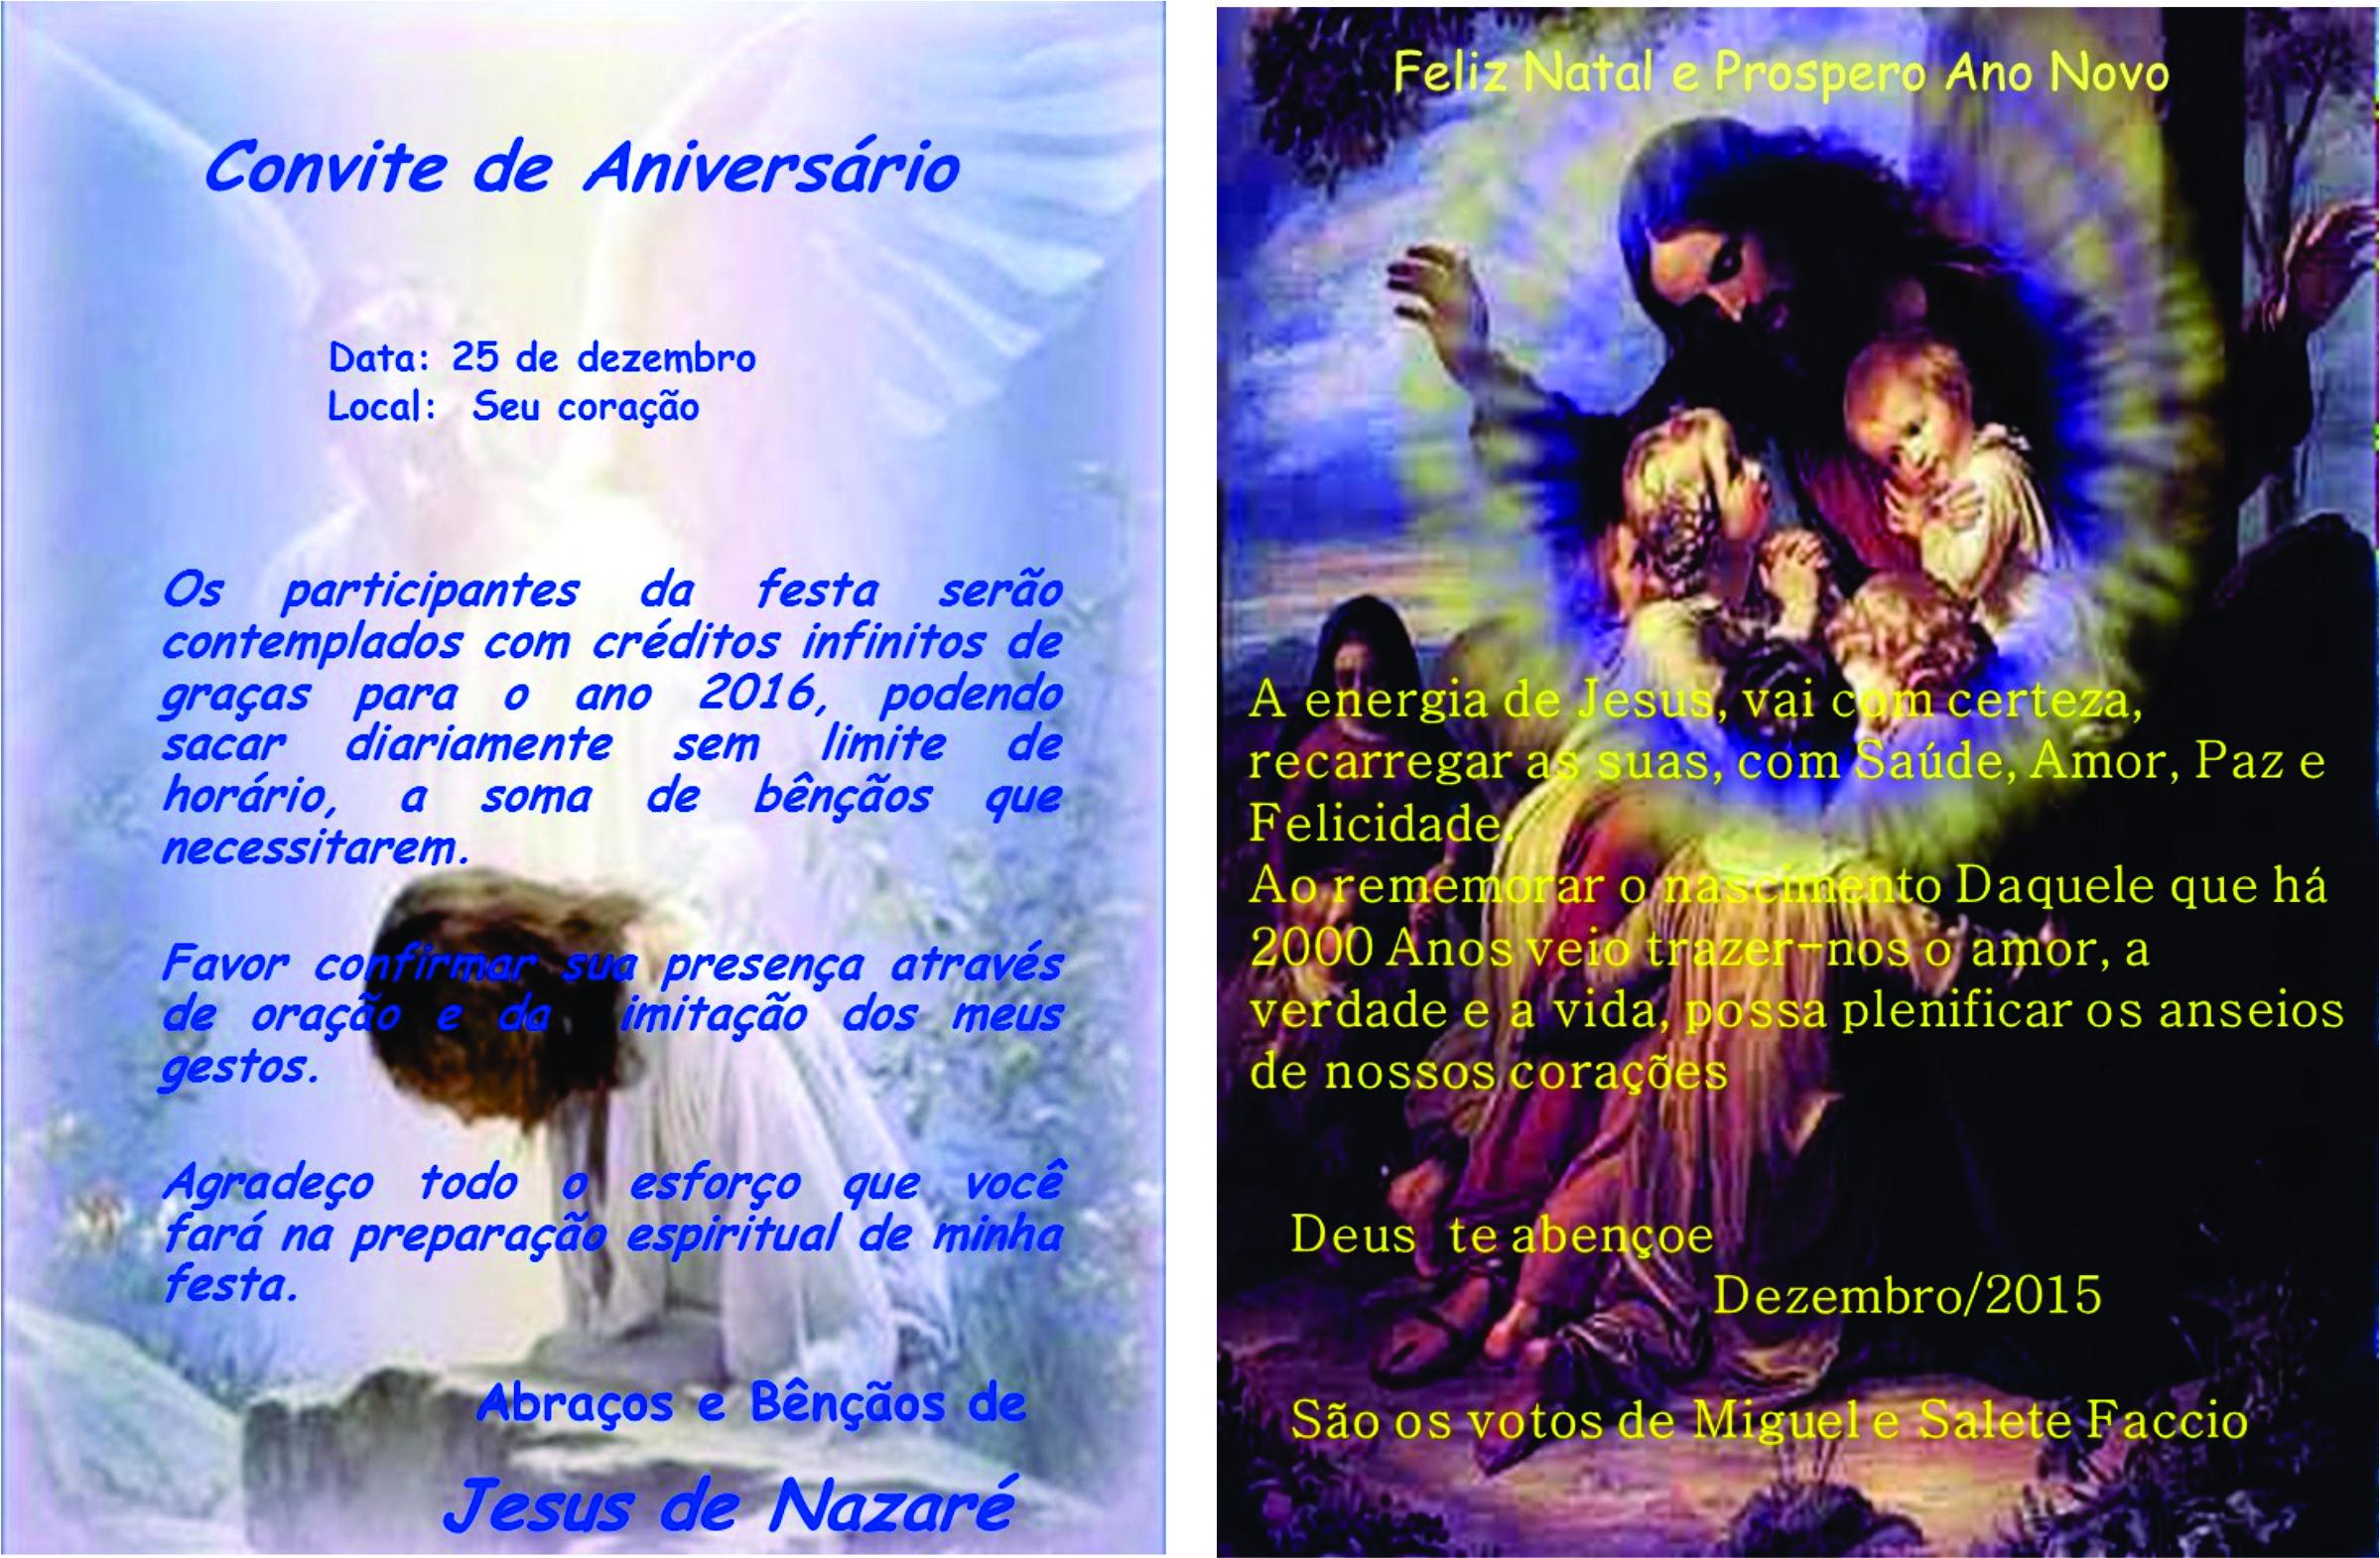 FELIZ NATAL!! Convite-de-Aniversario